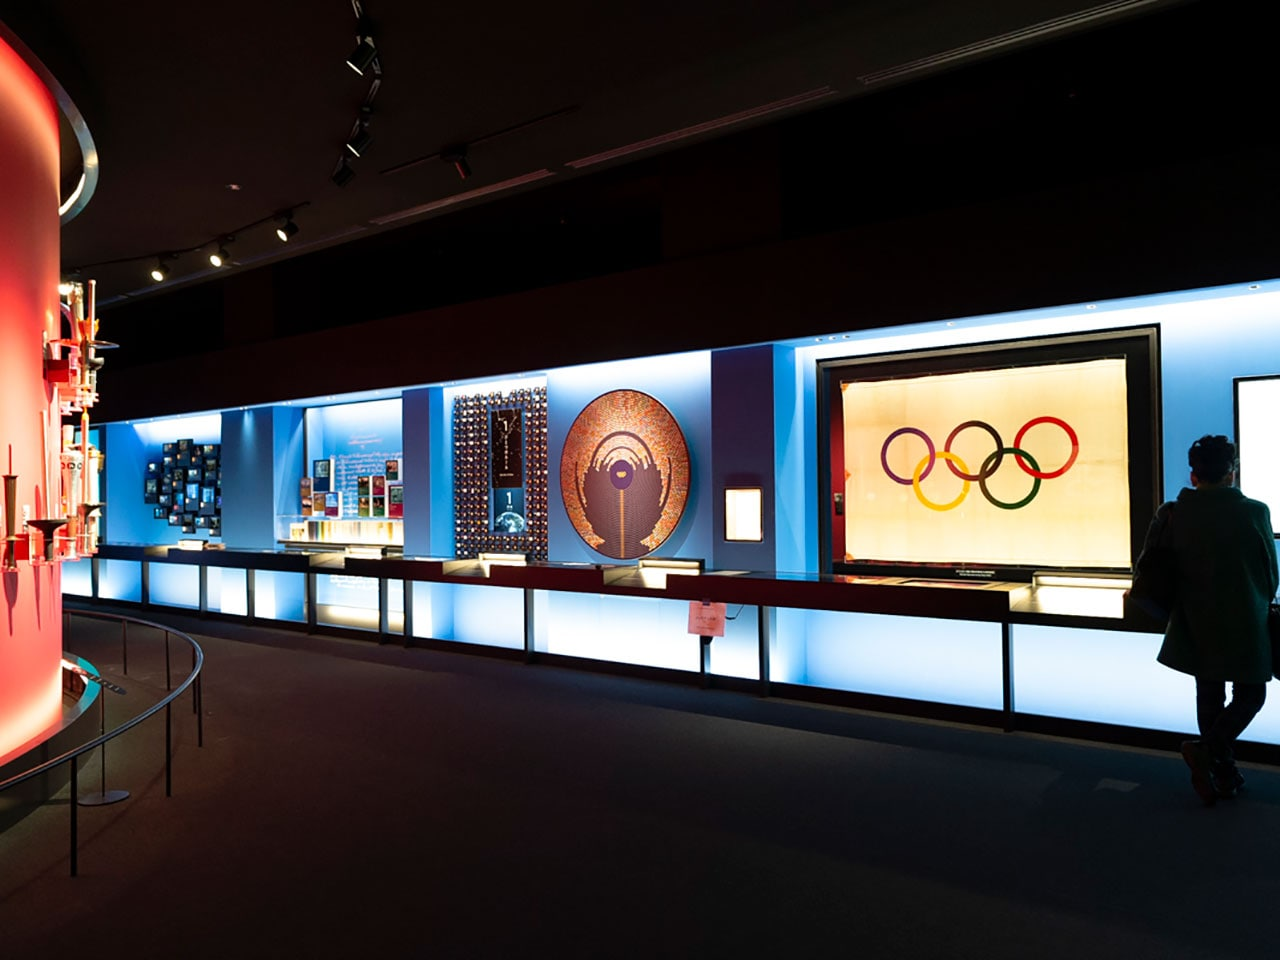 日本オリンピックミュージアム訪問記 ウサイン・ボルトの一歩に驚いた!